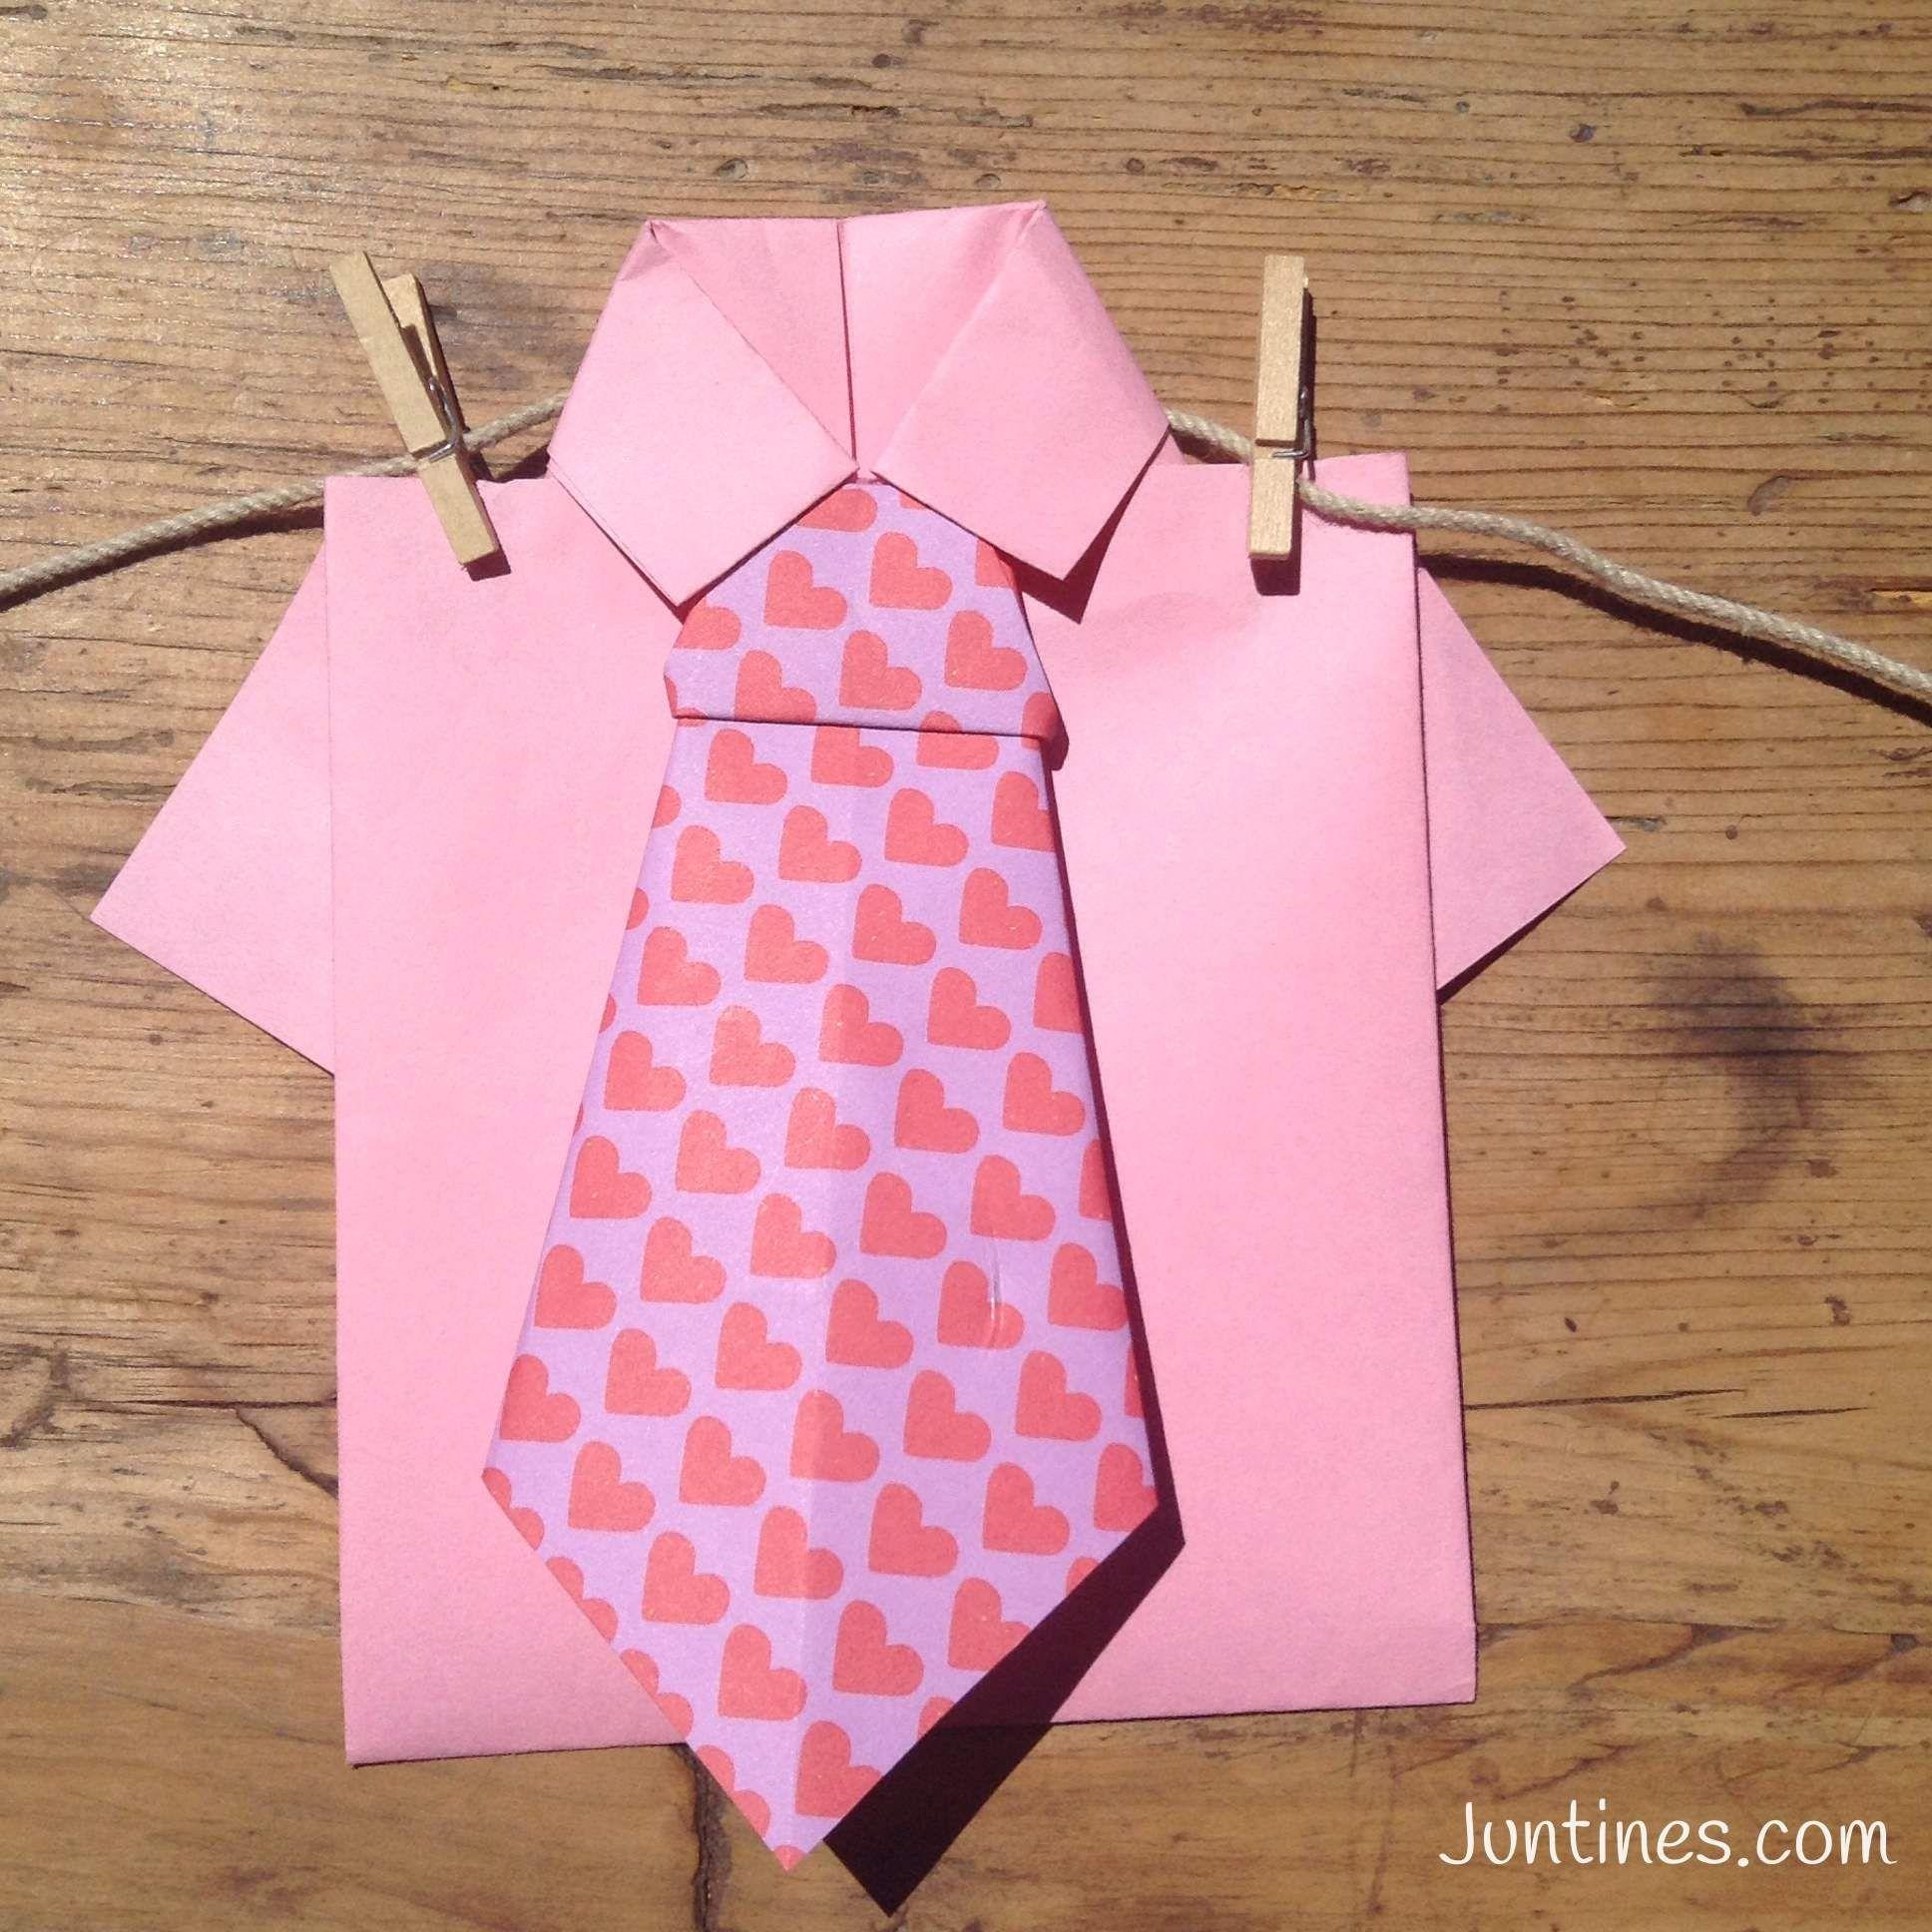 Corbata de origami - Origami tie. Origami fácil para niños ...